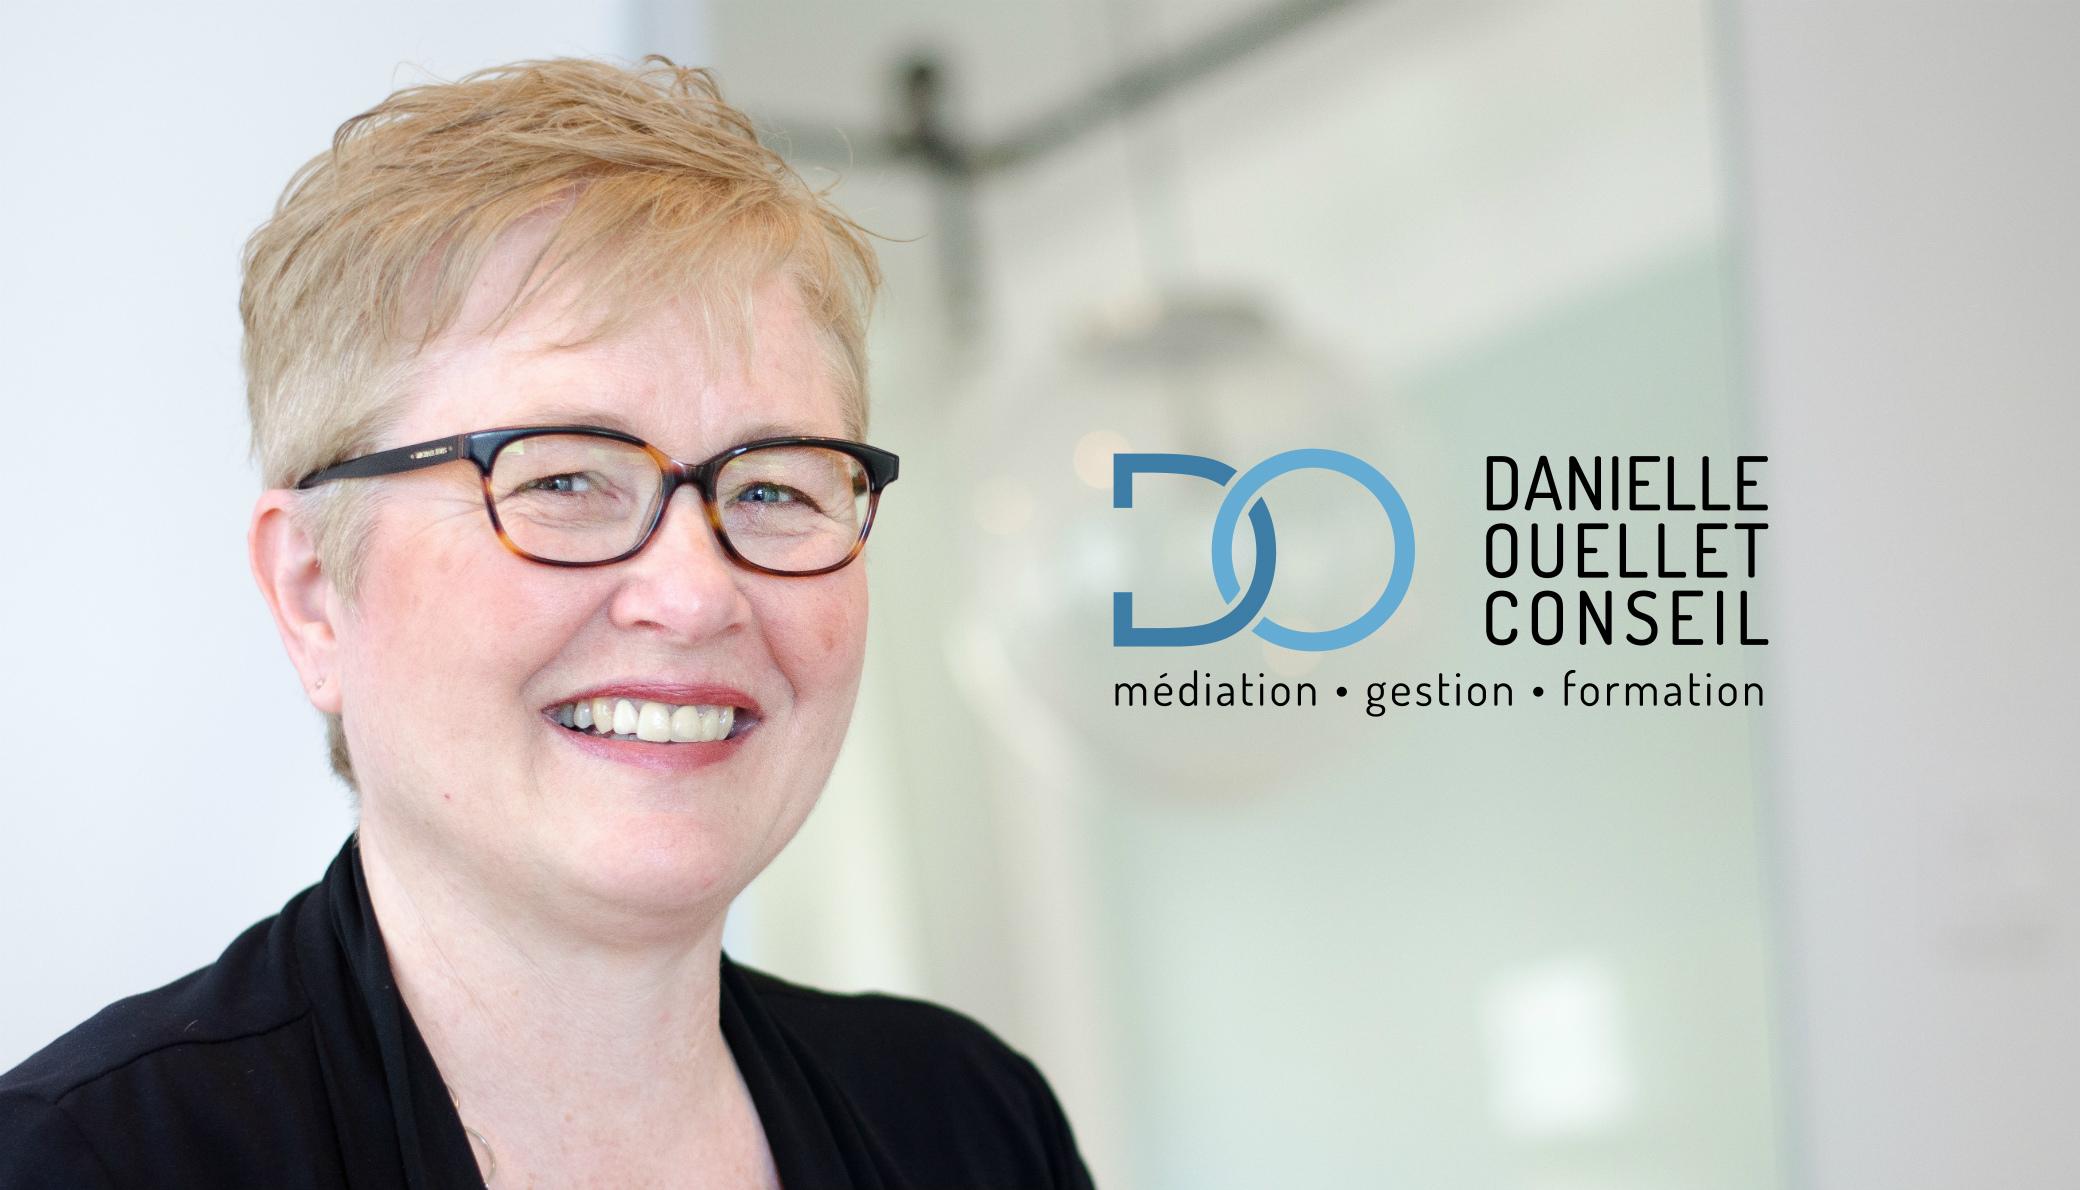 Danielle Ouellet Conseil - Médiation, gestion, formation